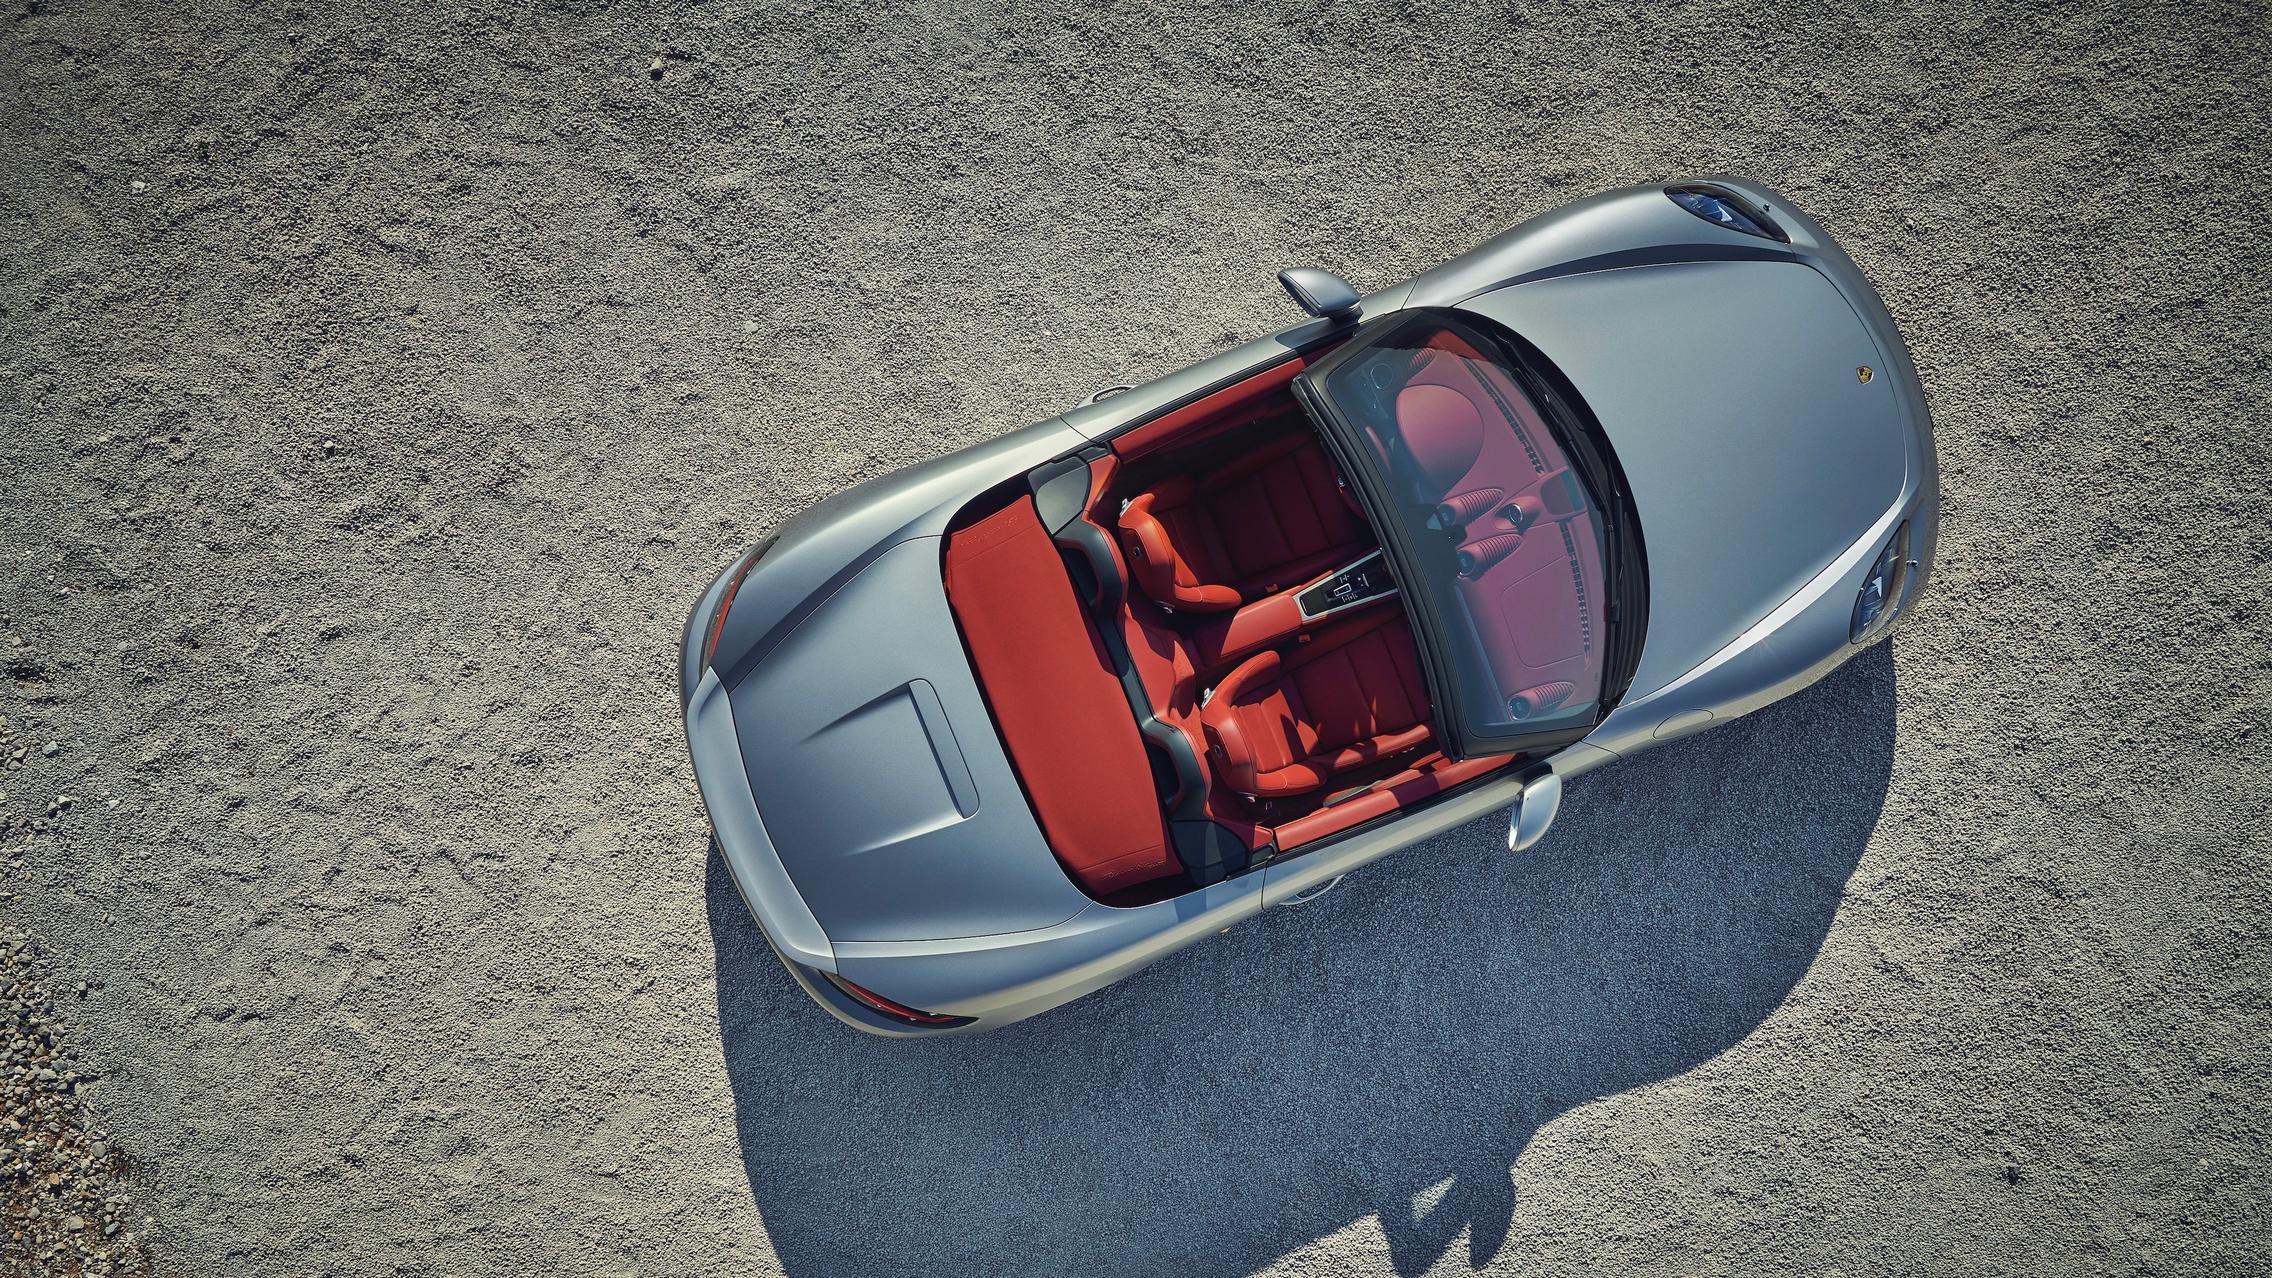 Porsche 718 Boxster Top View